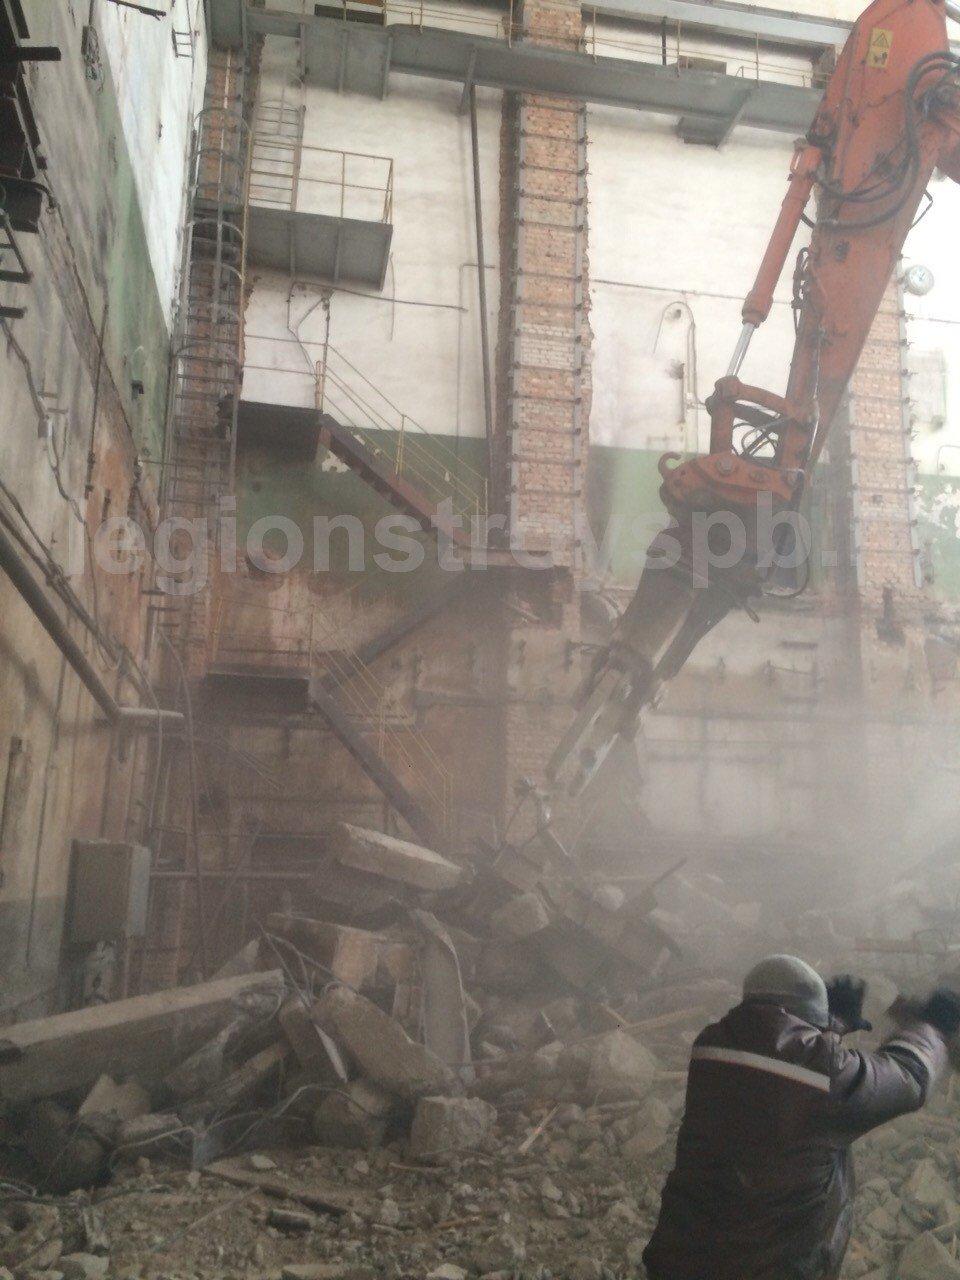 цены на демонтаж железобетонных конструкций в волгограде